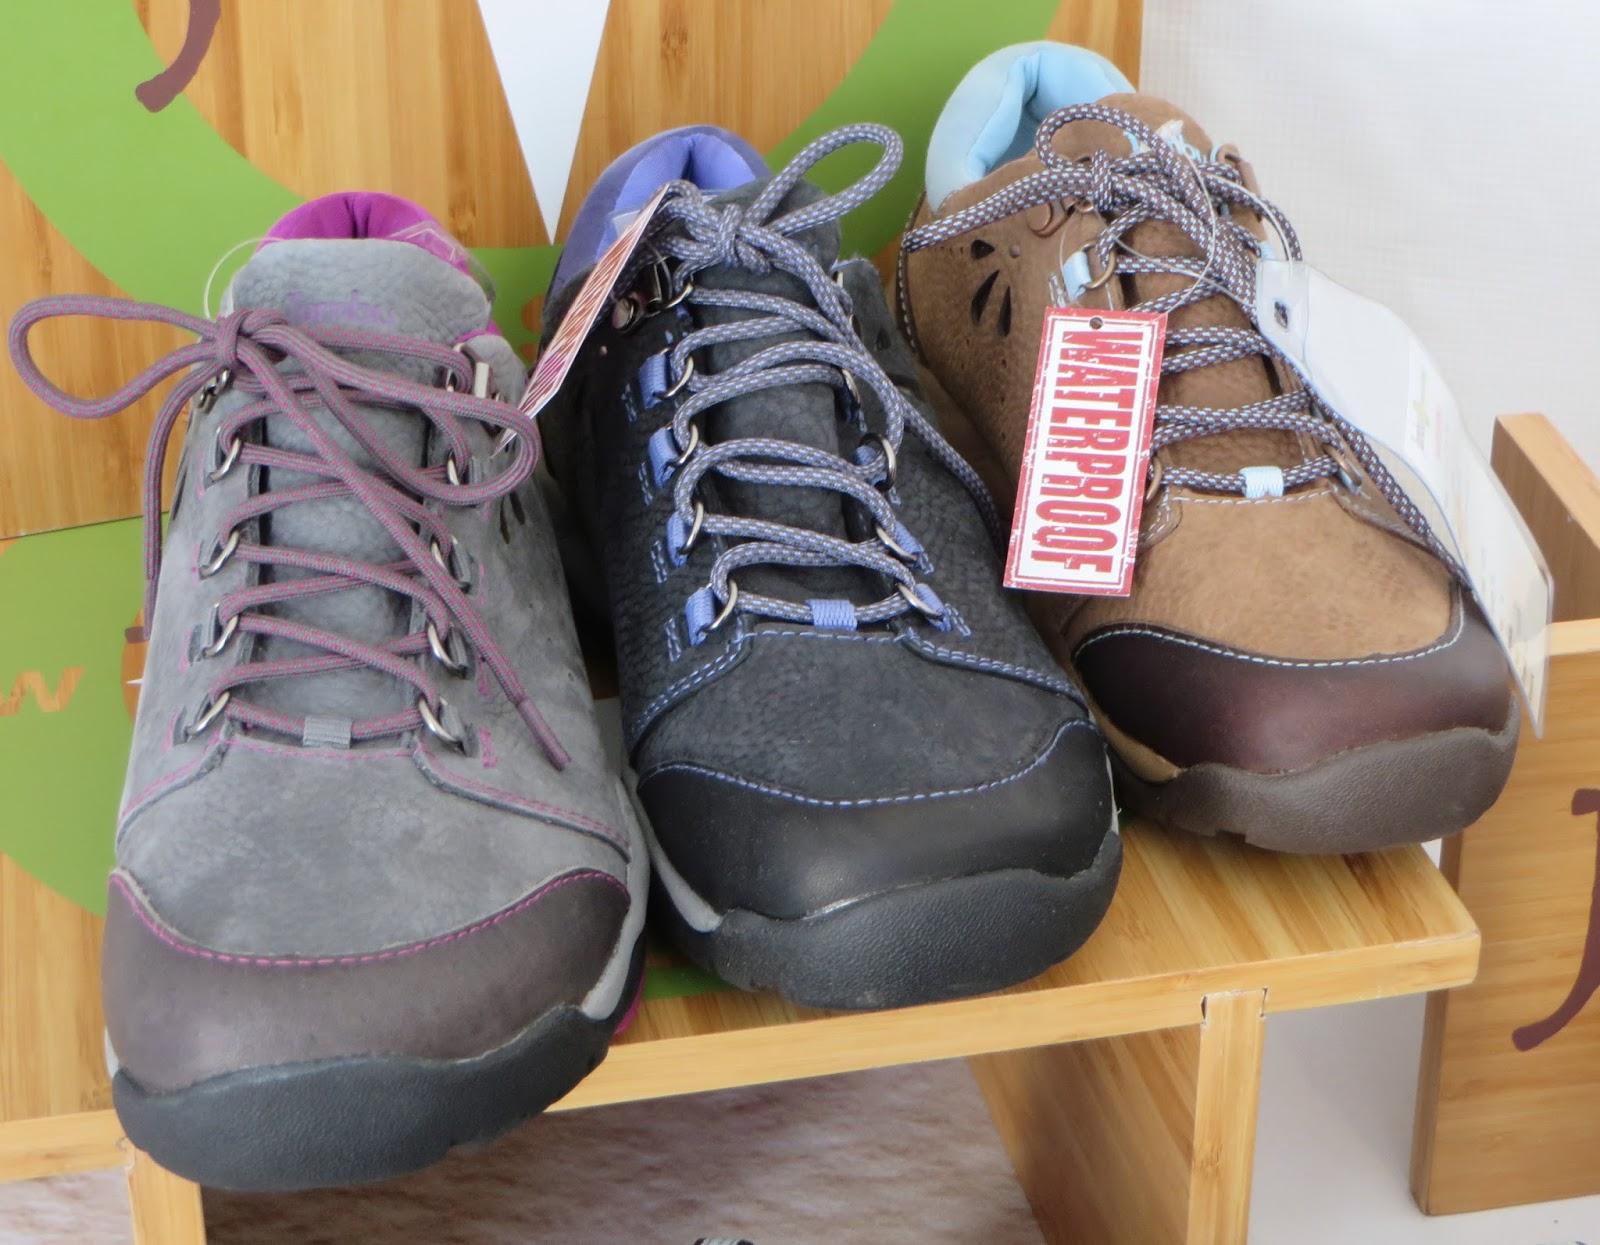 6657f8dbb3 Jambu's Hyper Grip Sport-waterproof low cut options men/women in nubuck/oily  leather suede $199-$129